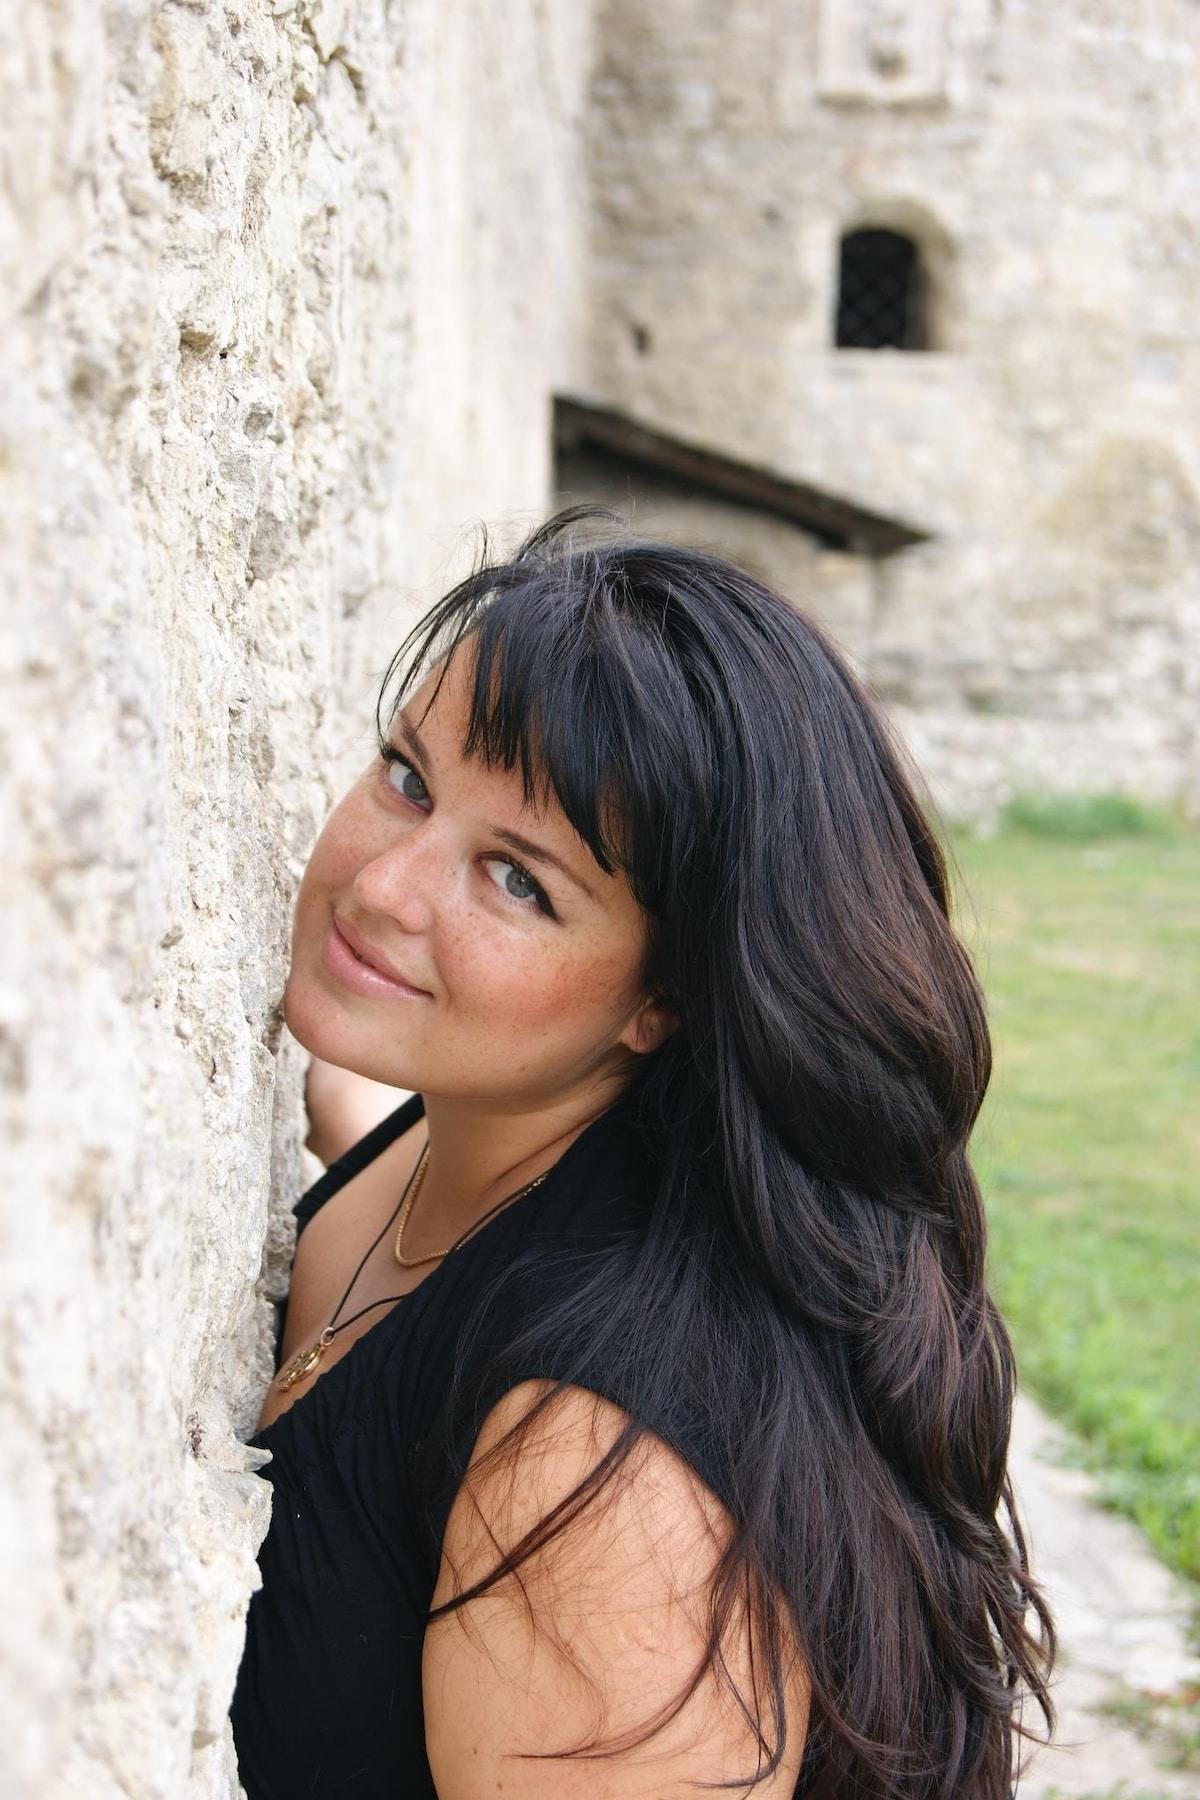 Yuliya from Toronto